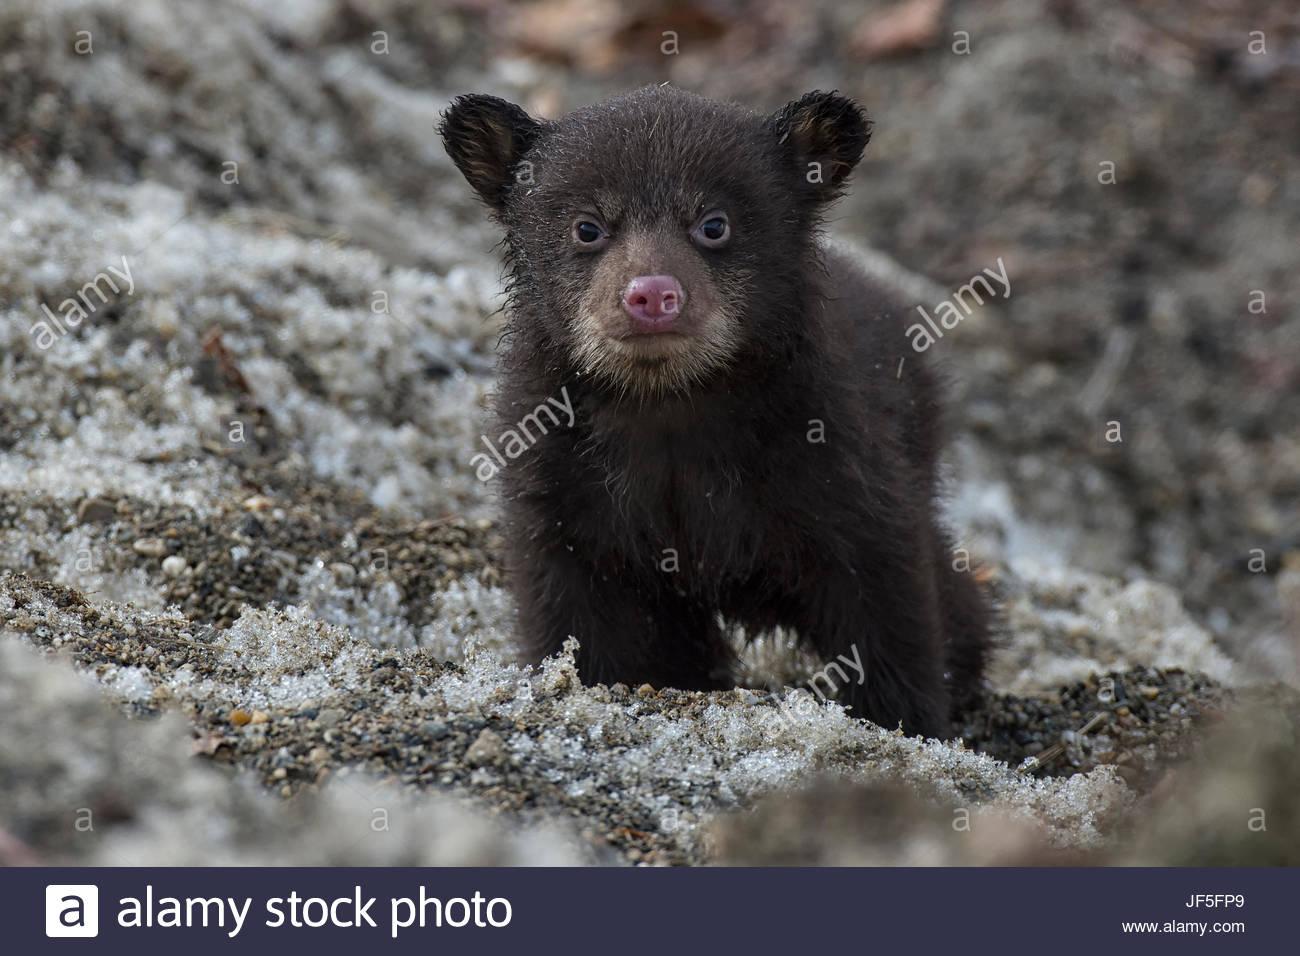 Ritratto di una settimane-old Black Bear Cub, al di fuori della sua tana per la prima volta. Immagini Stock